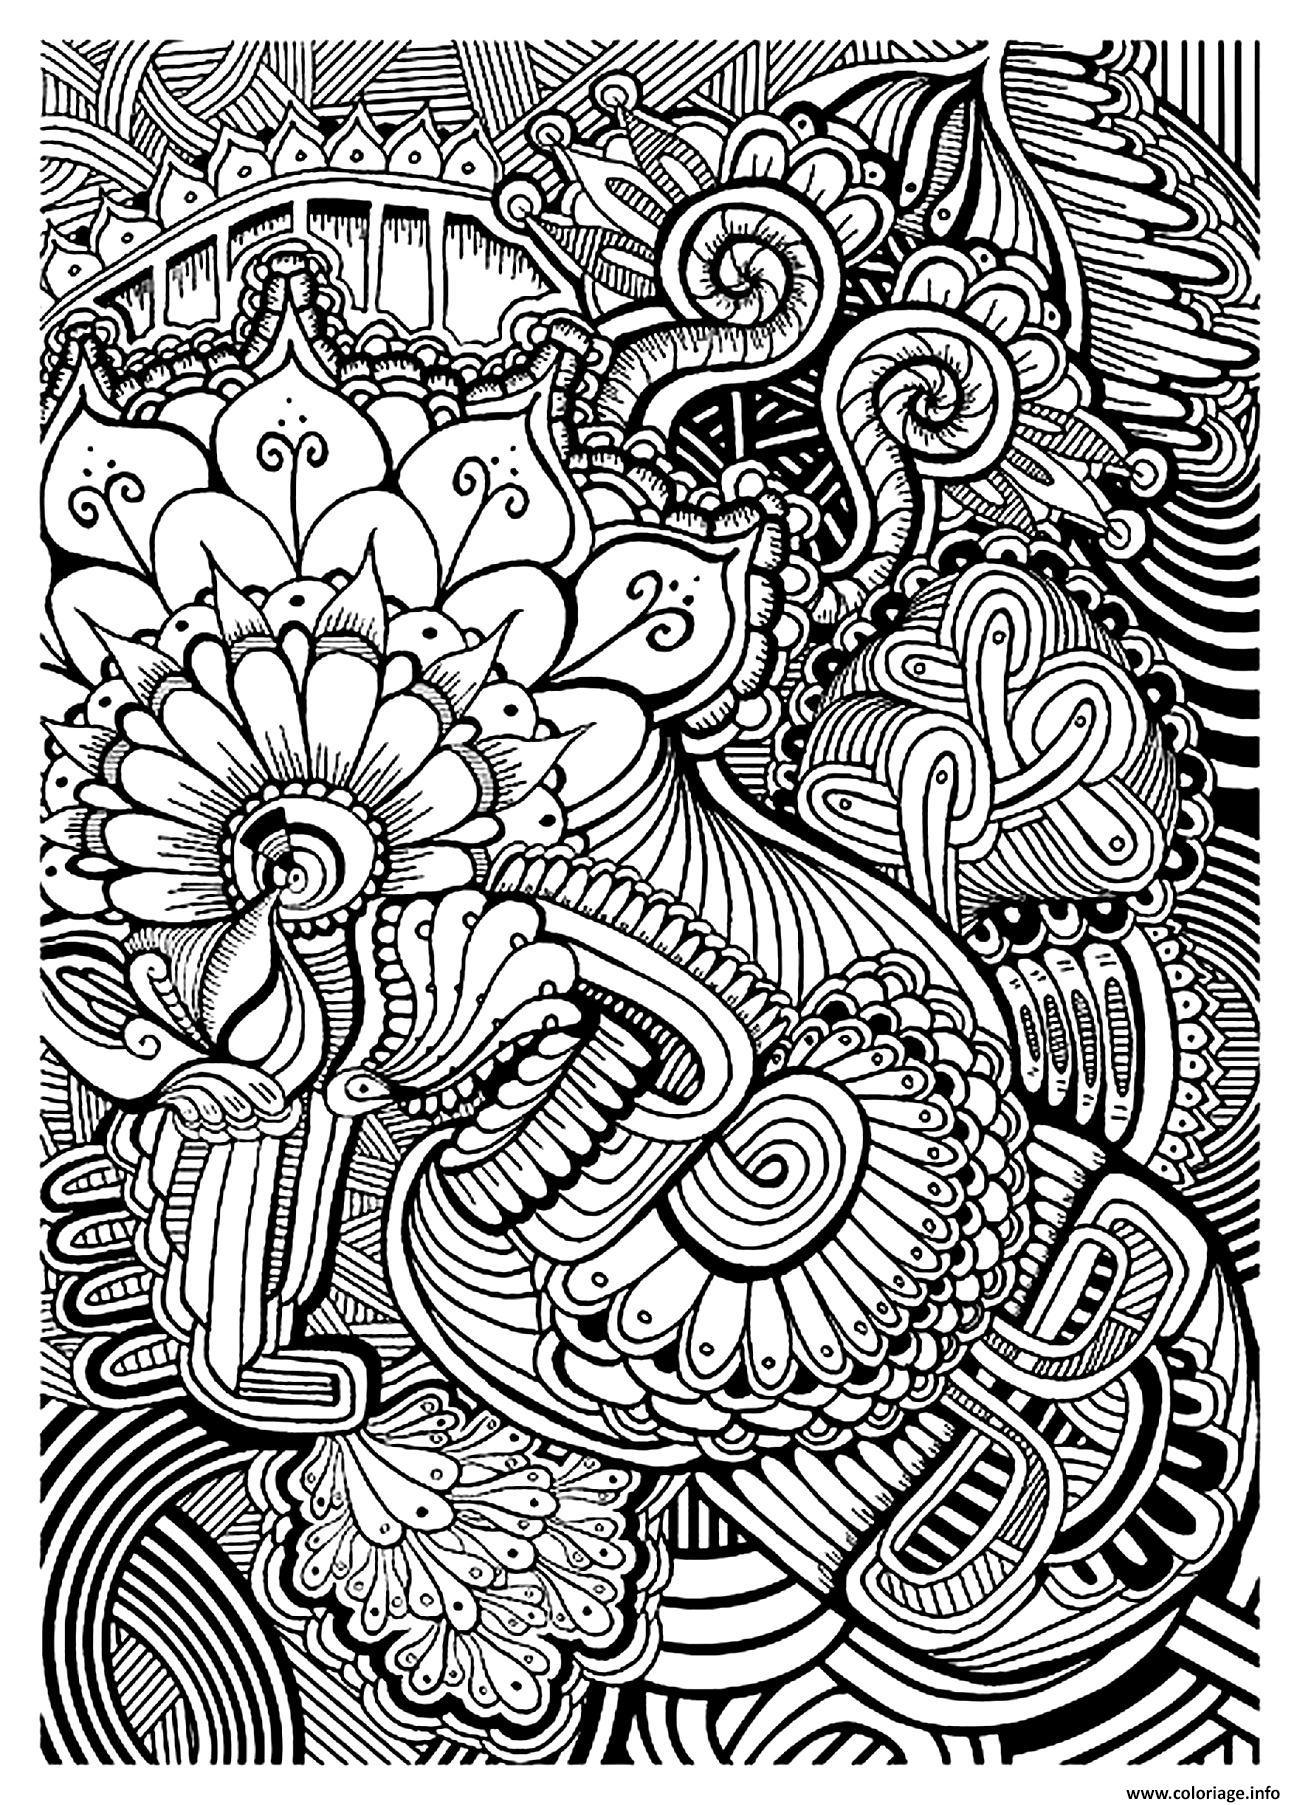 Coloriage Adulte Zen A Imprimer Gratuit.Galerie De Coloriages Gratuits Coloriage Adulte Zen Le Top